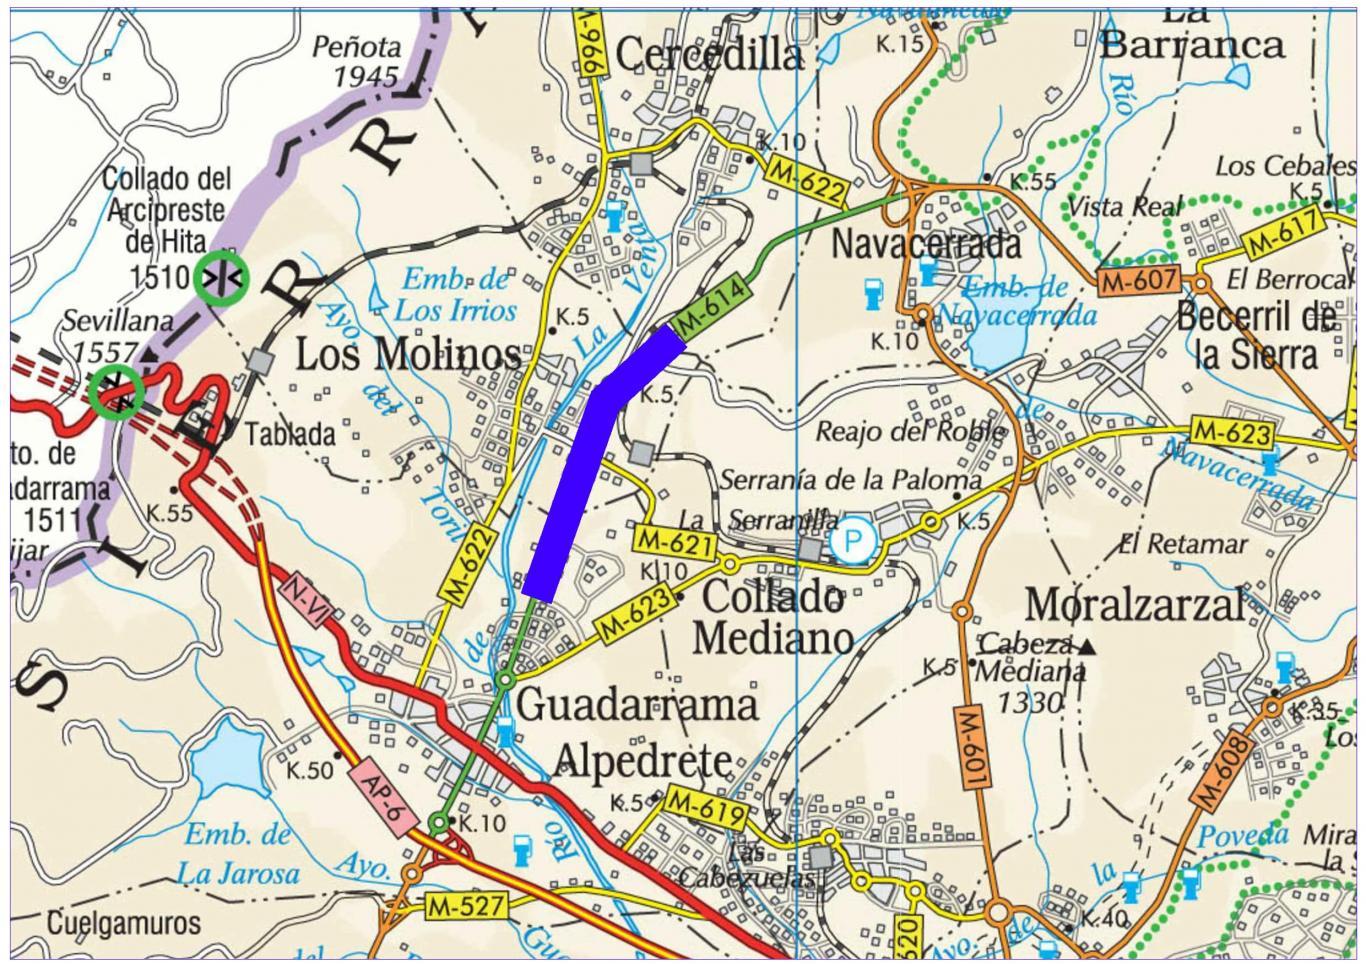 Plano de situación de la obra M-614 pk 4,000-8,500